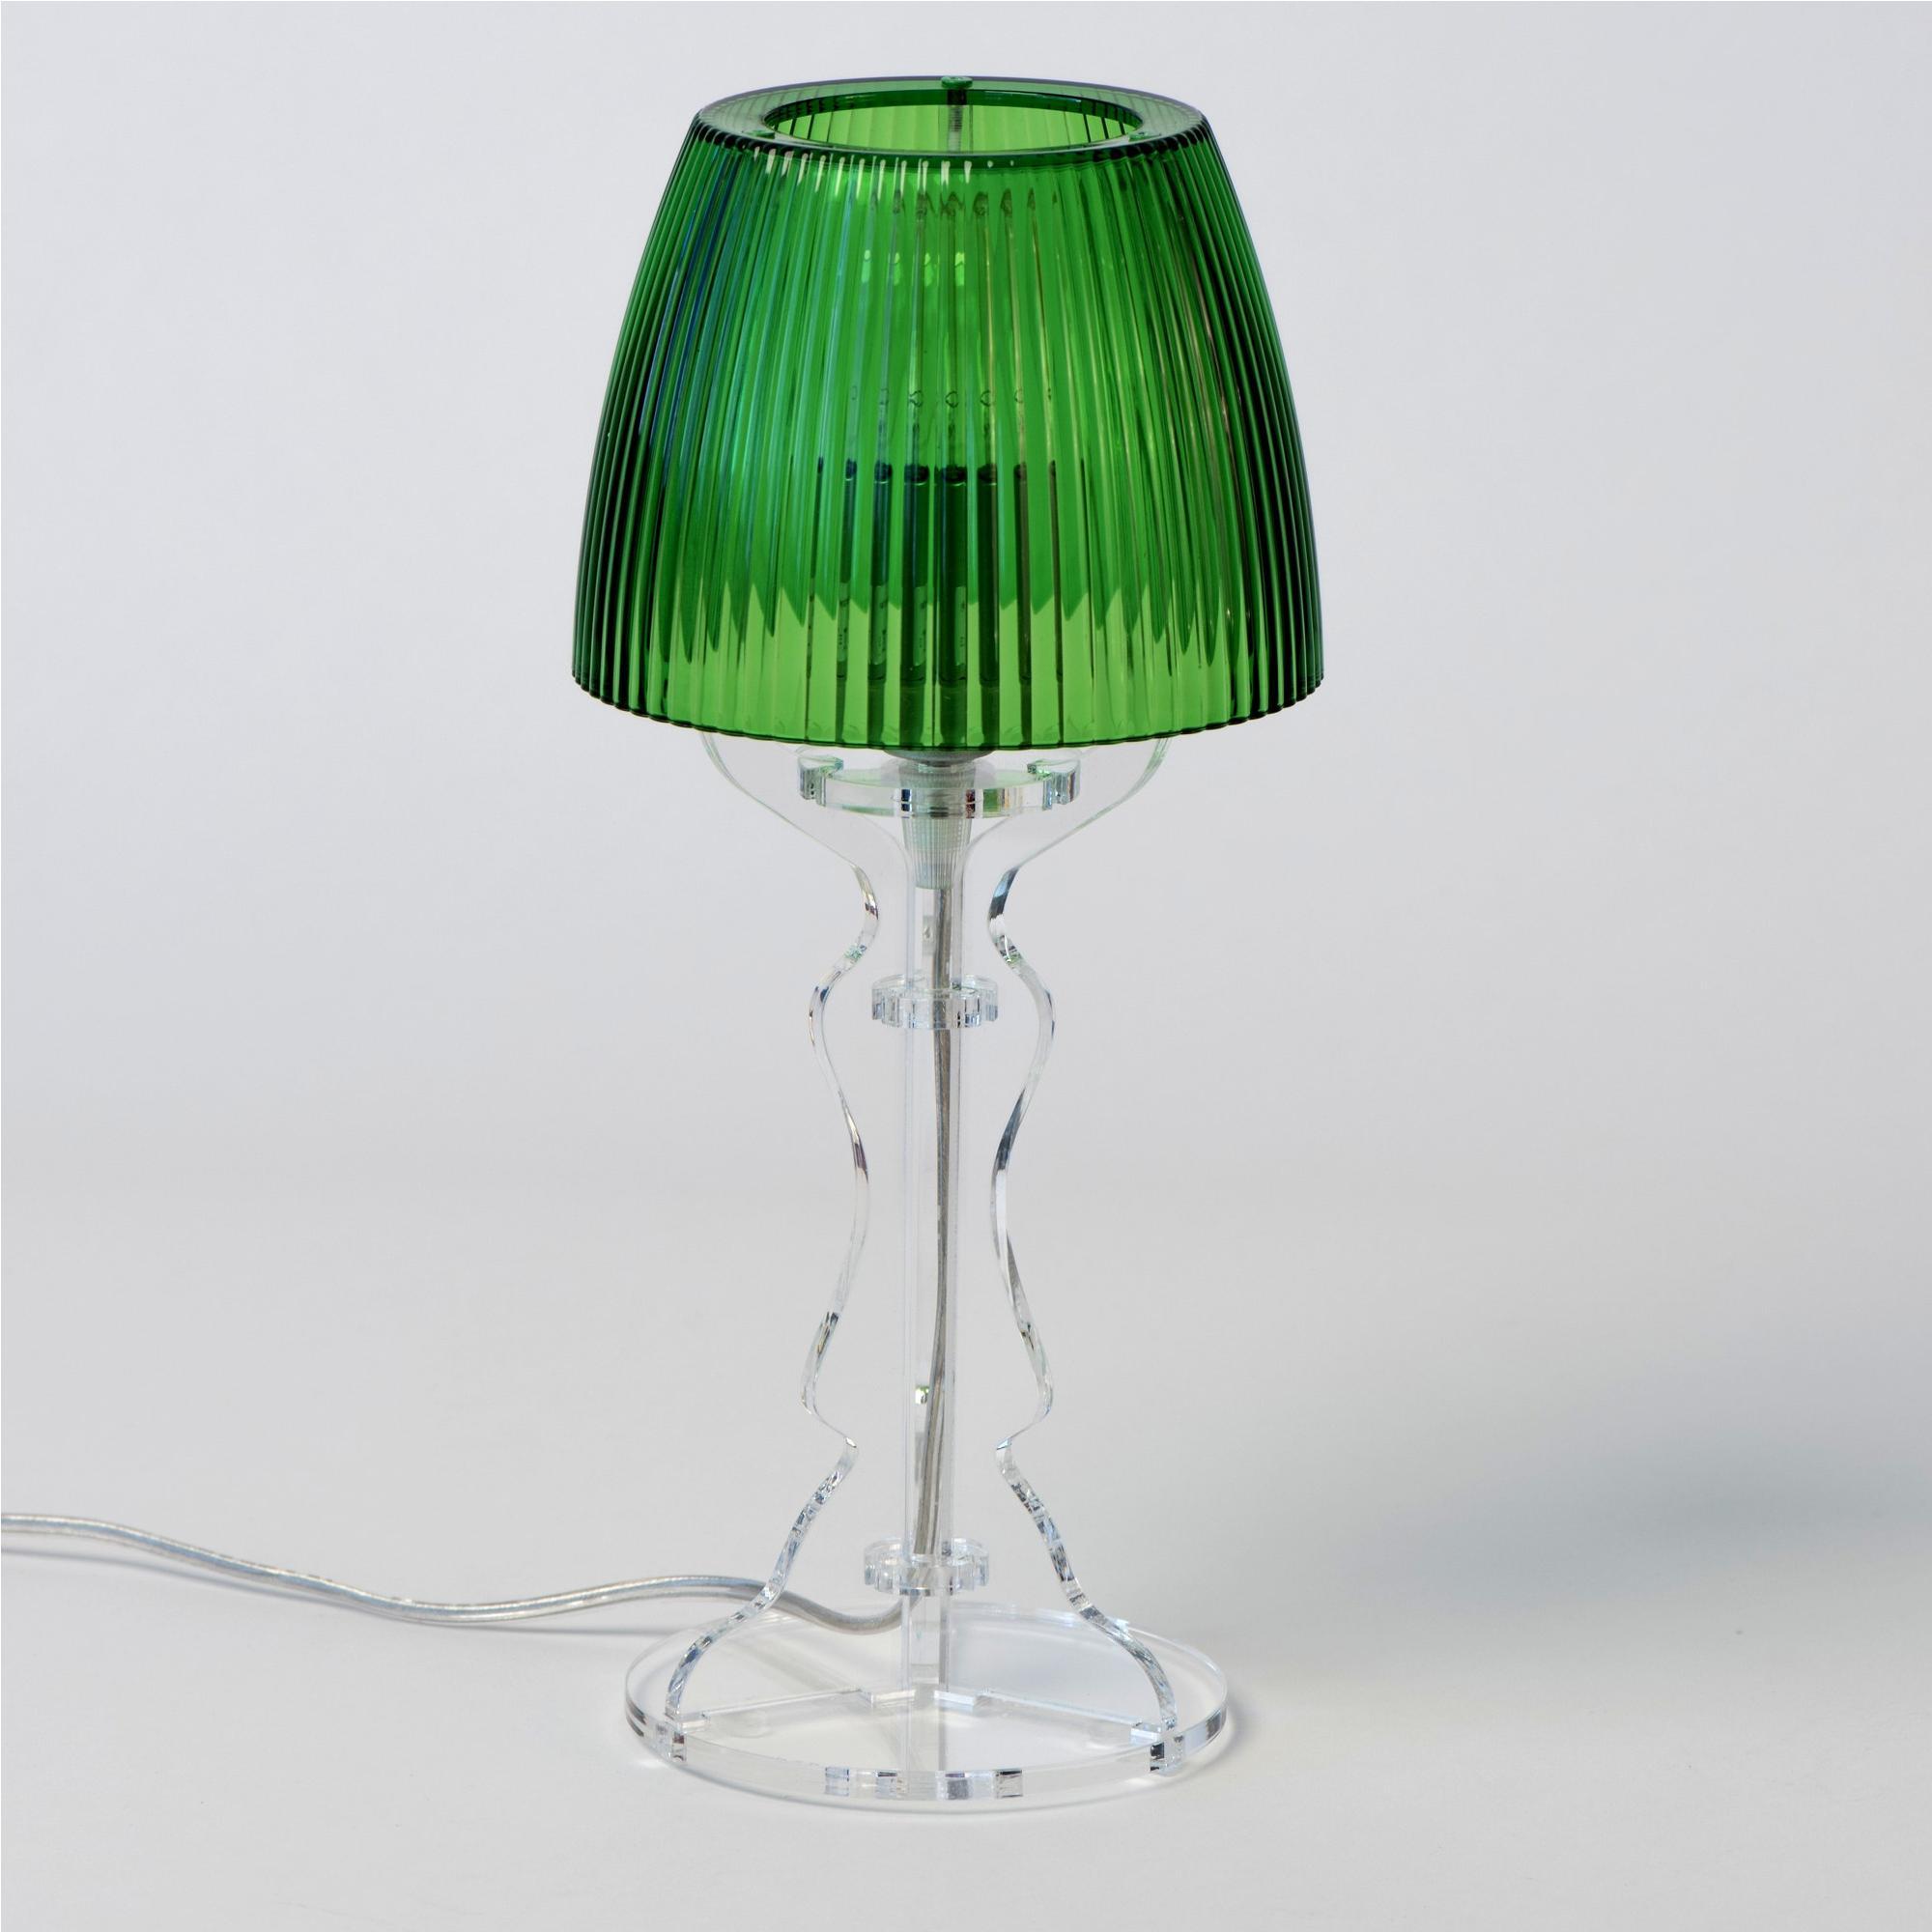 Lampada da tavolo abat jour piccola lady diametro 14xh31cm trasparente verde vesta stilcasa for Lampada da tavolo verde